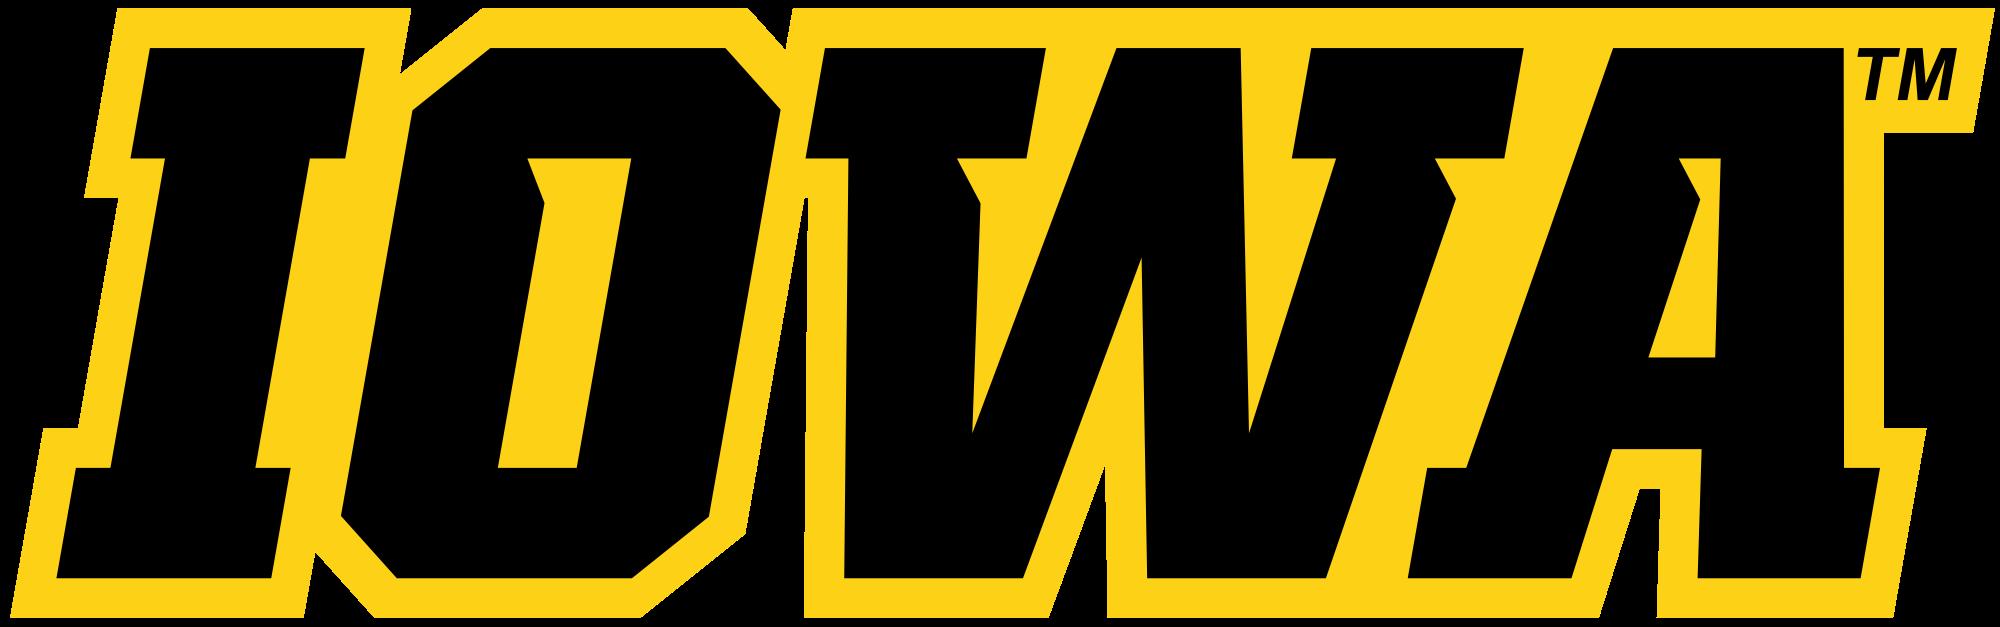 Best HD Iowa Hawkeye Logo Clip Art File Free » Free Vector Art.